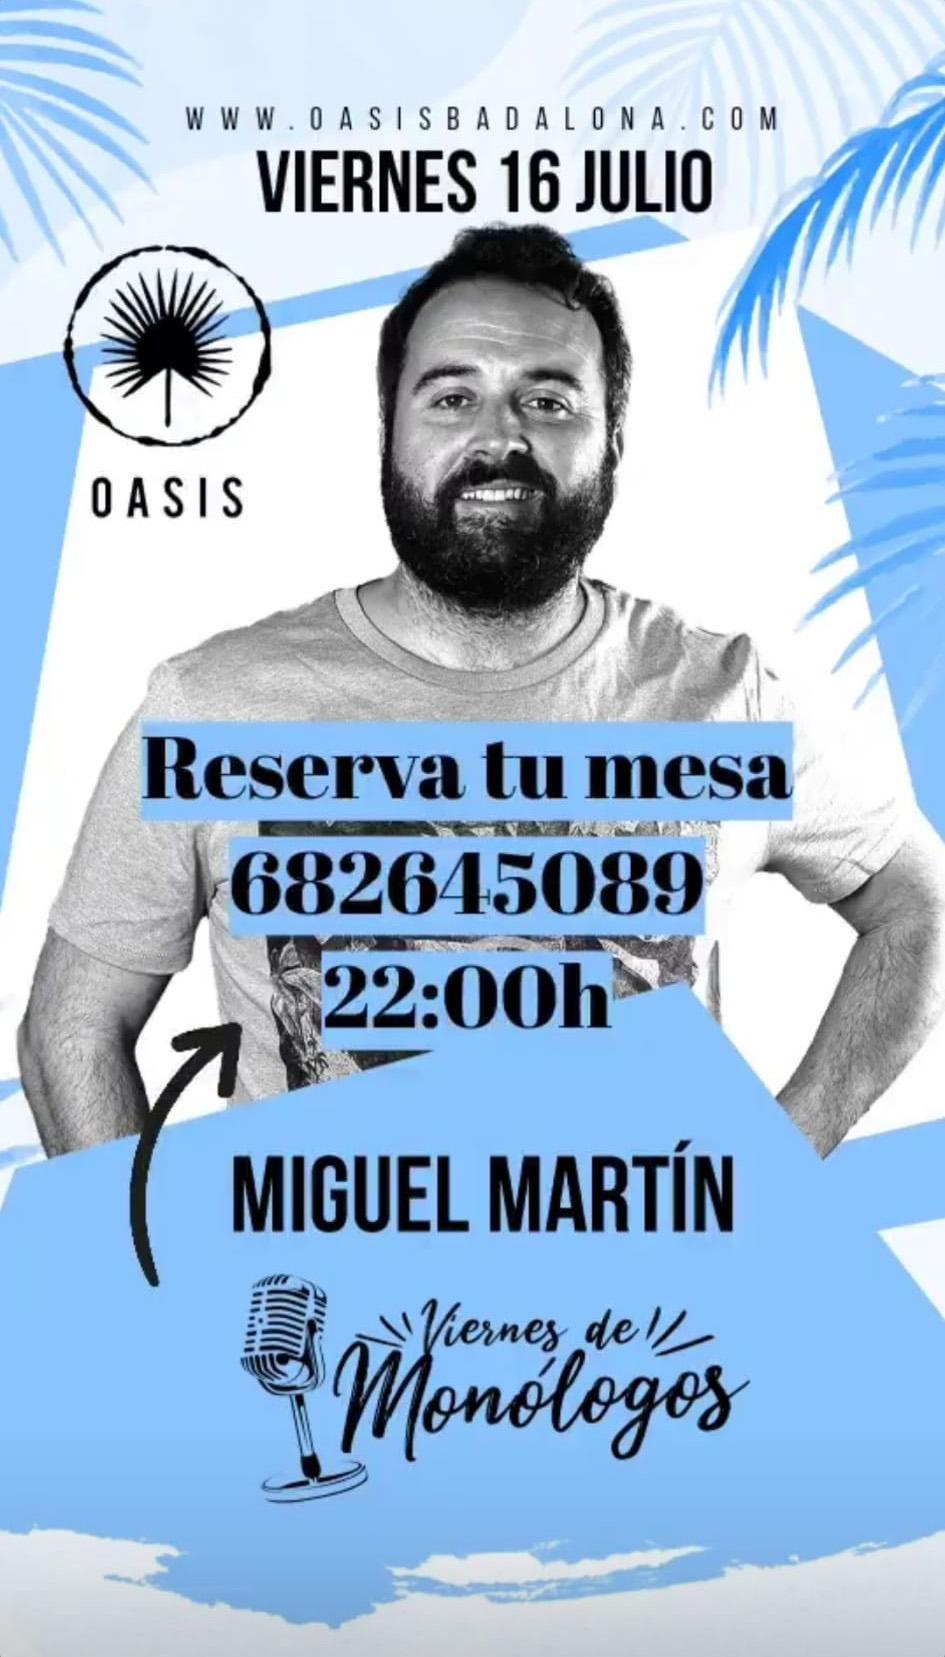 """Aquest divendres 16 de juliol en els """"Viernes de monólogos"""" Divendres de monòlegs amb Miguel Martín en l'Oasis Beach Bar!"""